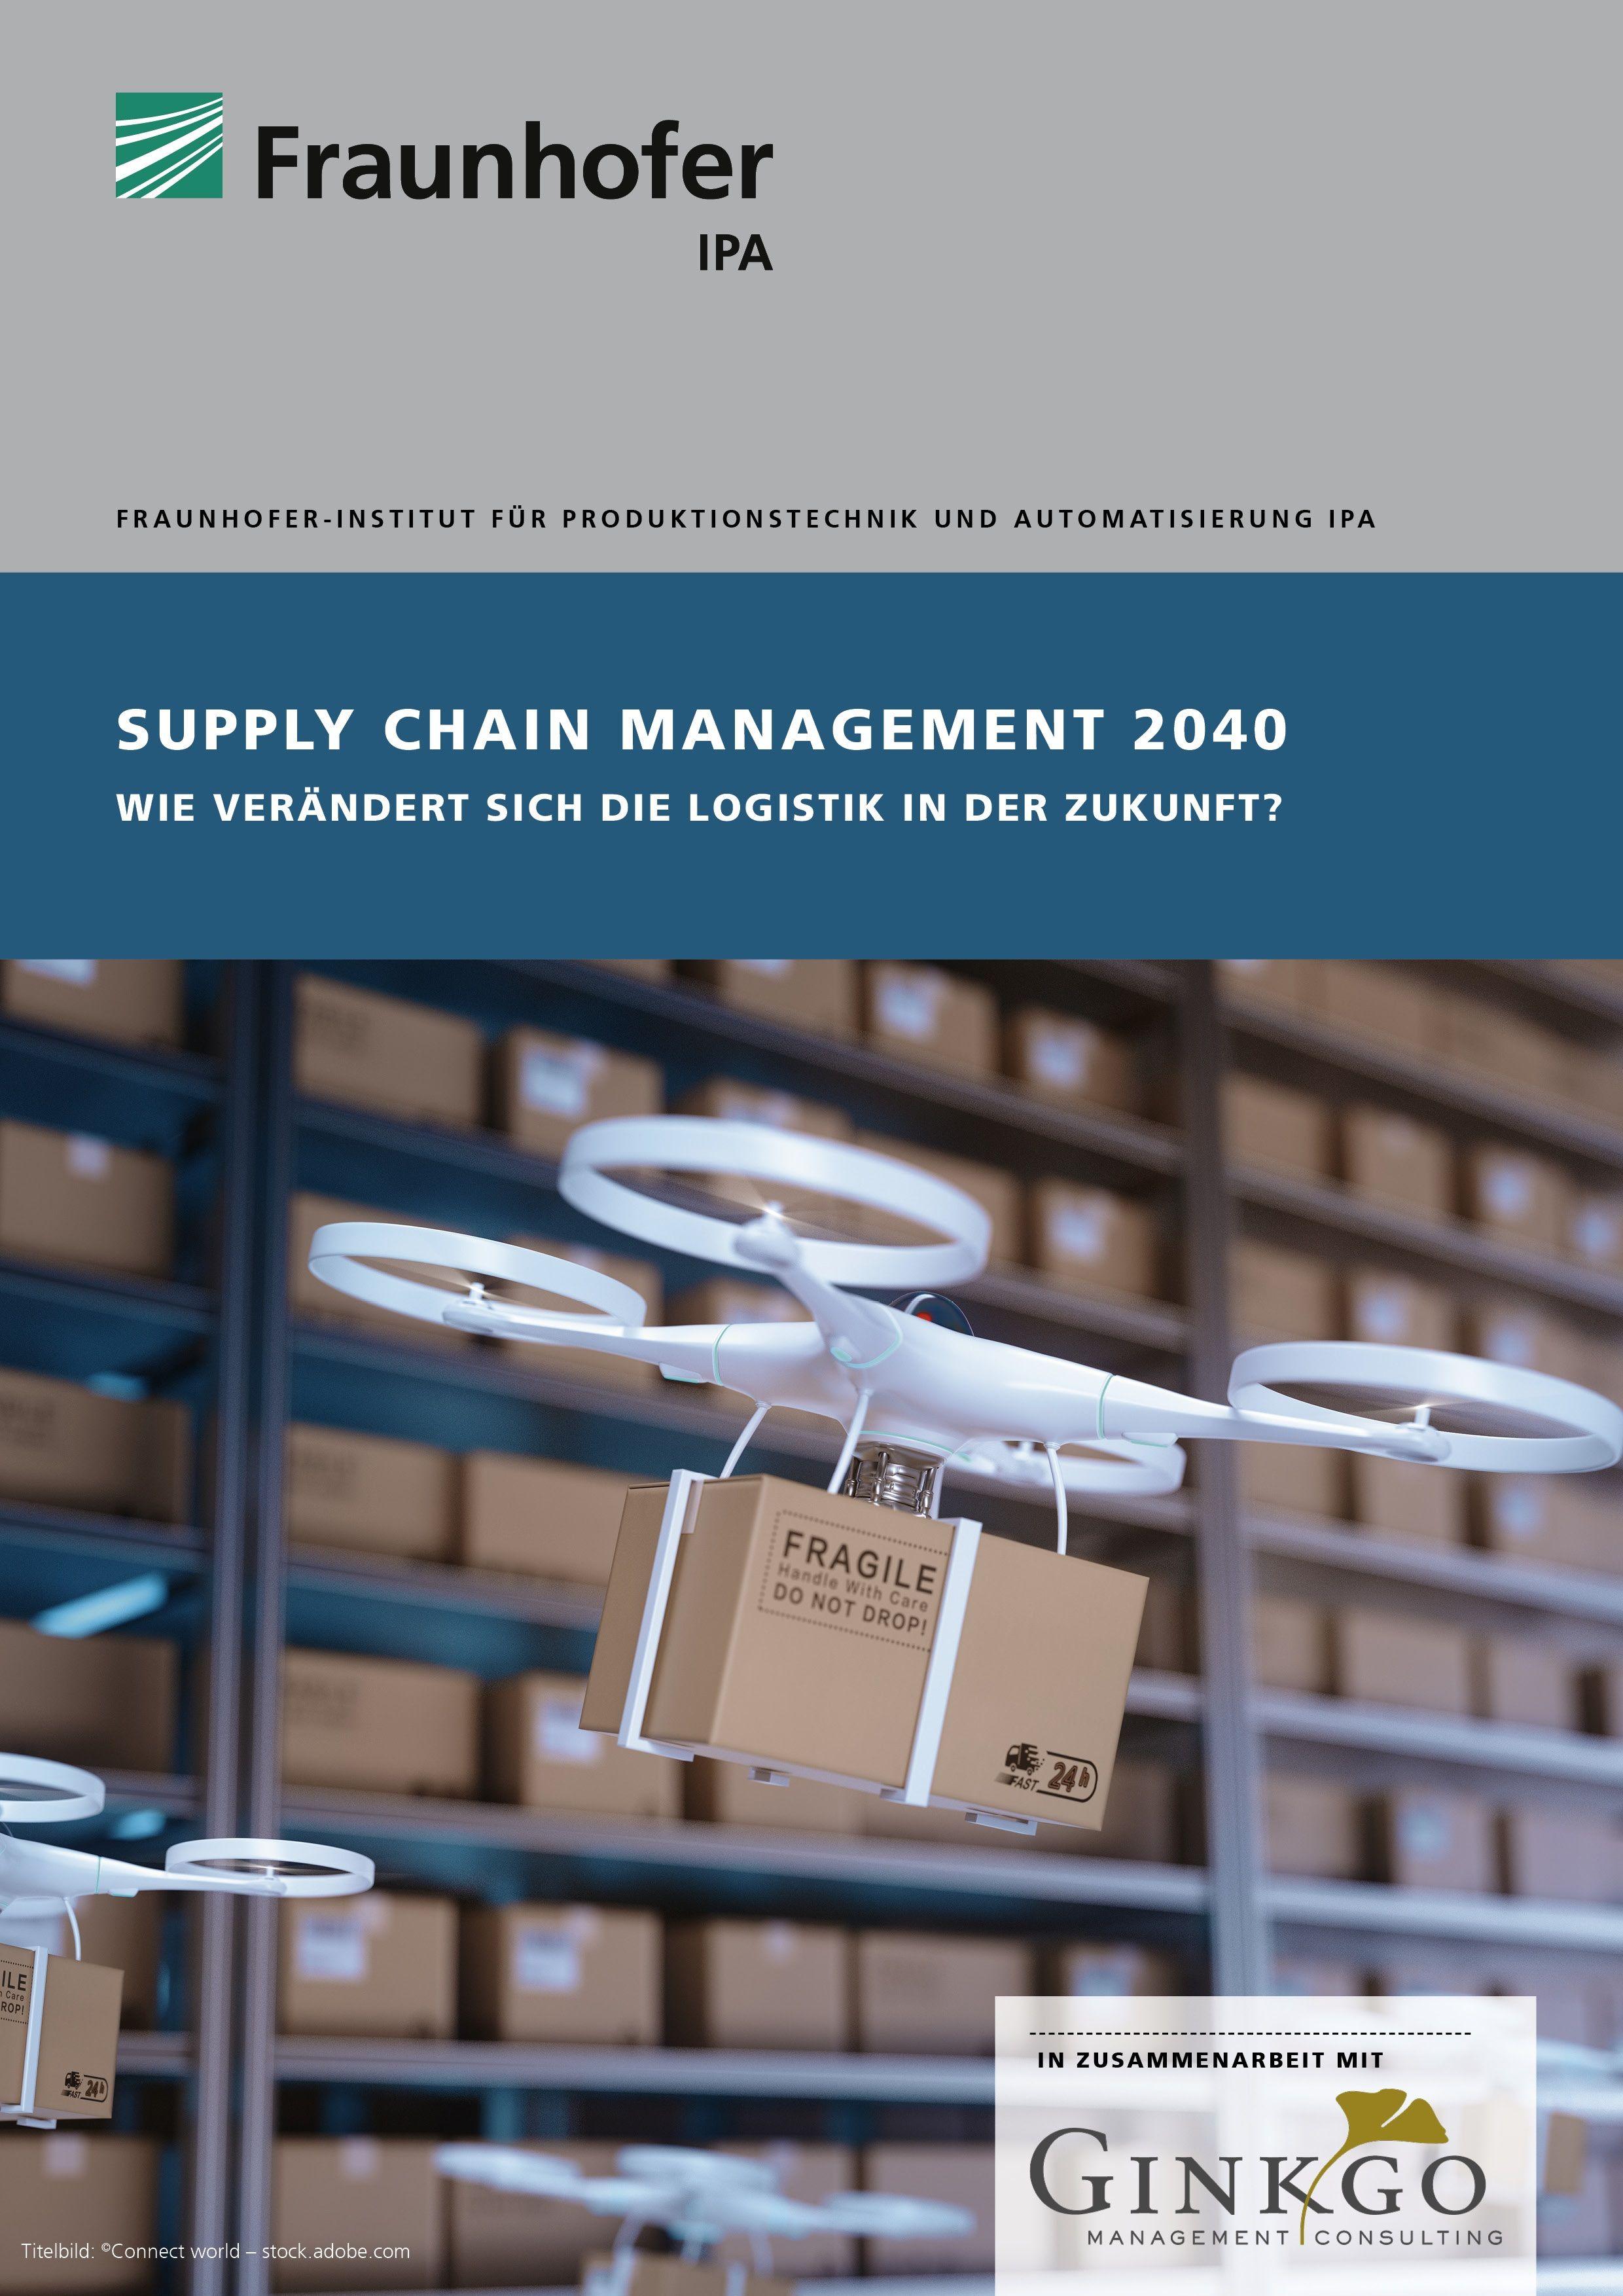 Herausgeber: Fraunhofer-Institut für Produktionstechnik und Automatisierung IPA und Ginkgo Management Consulting Jahr: 2020